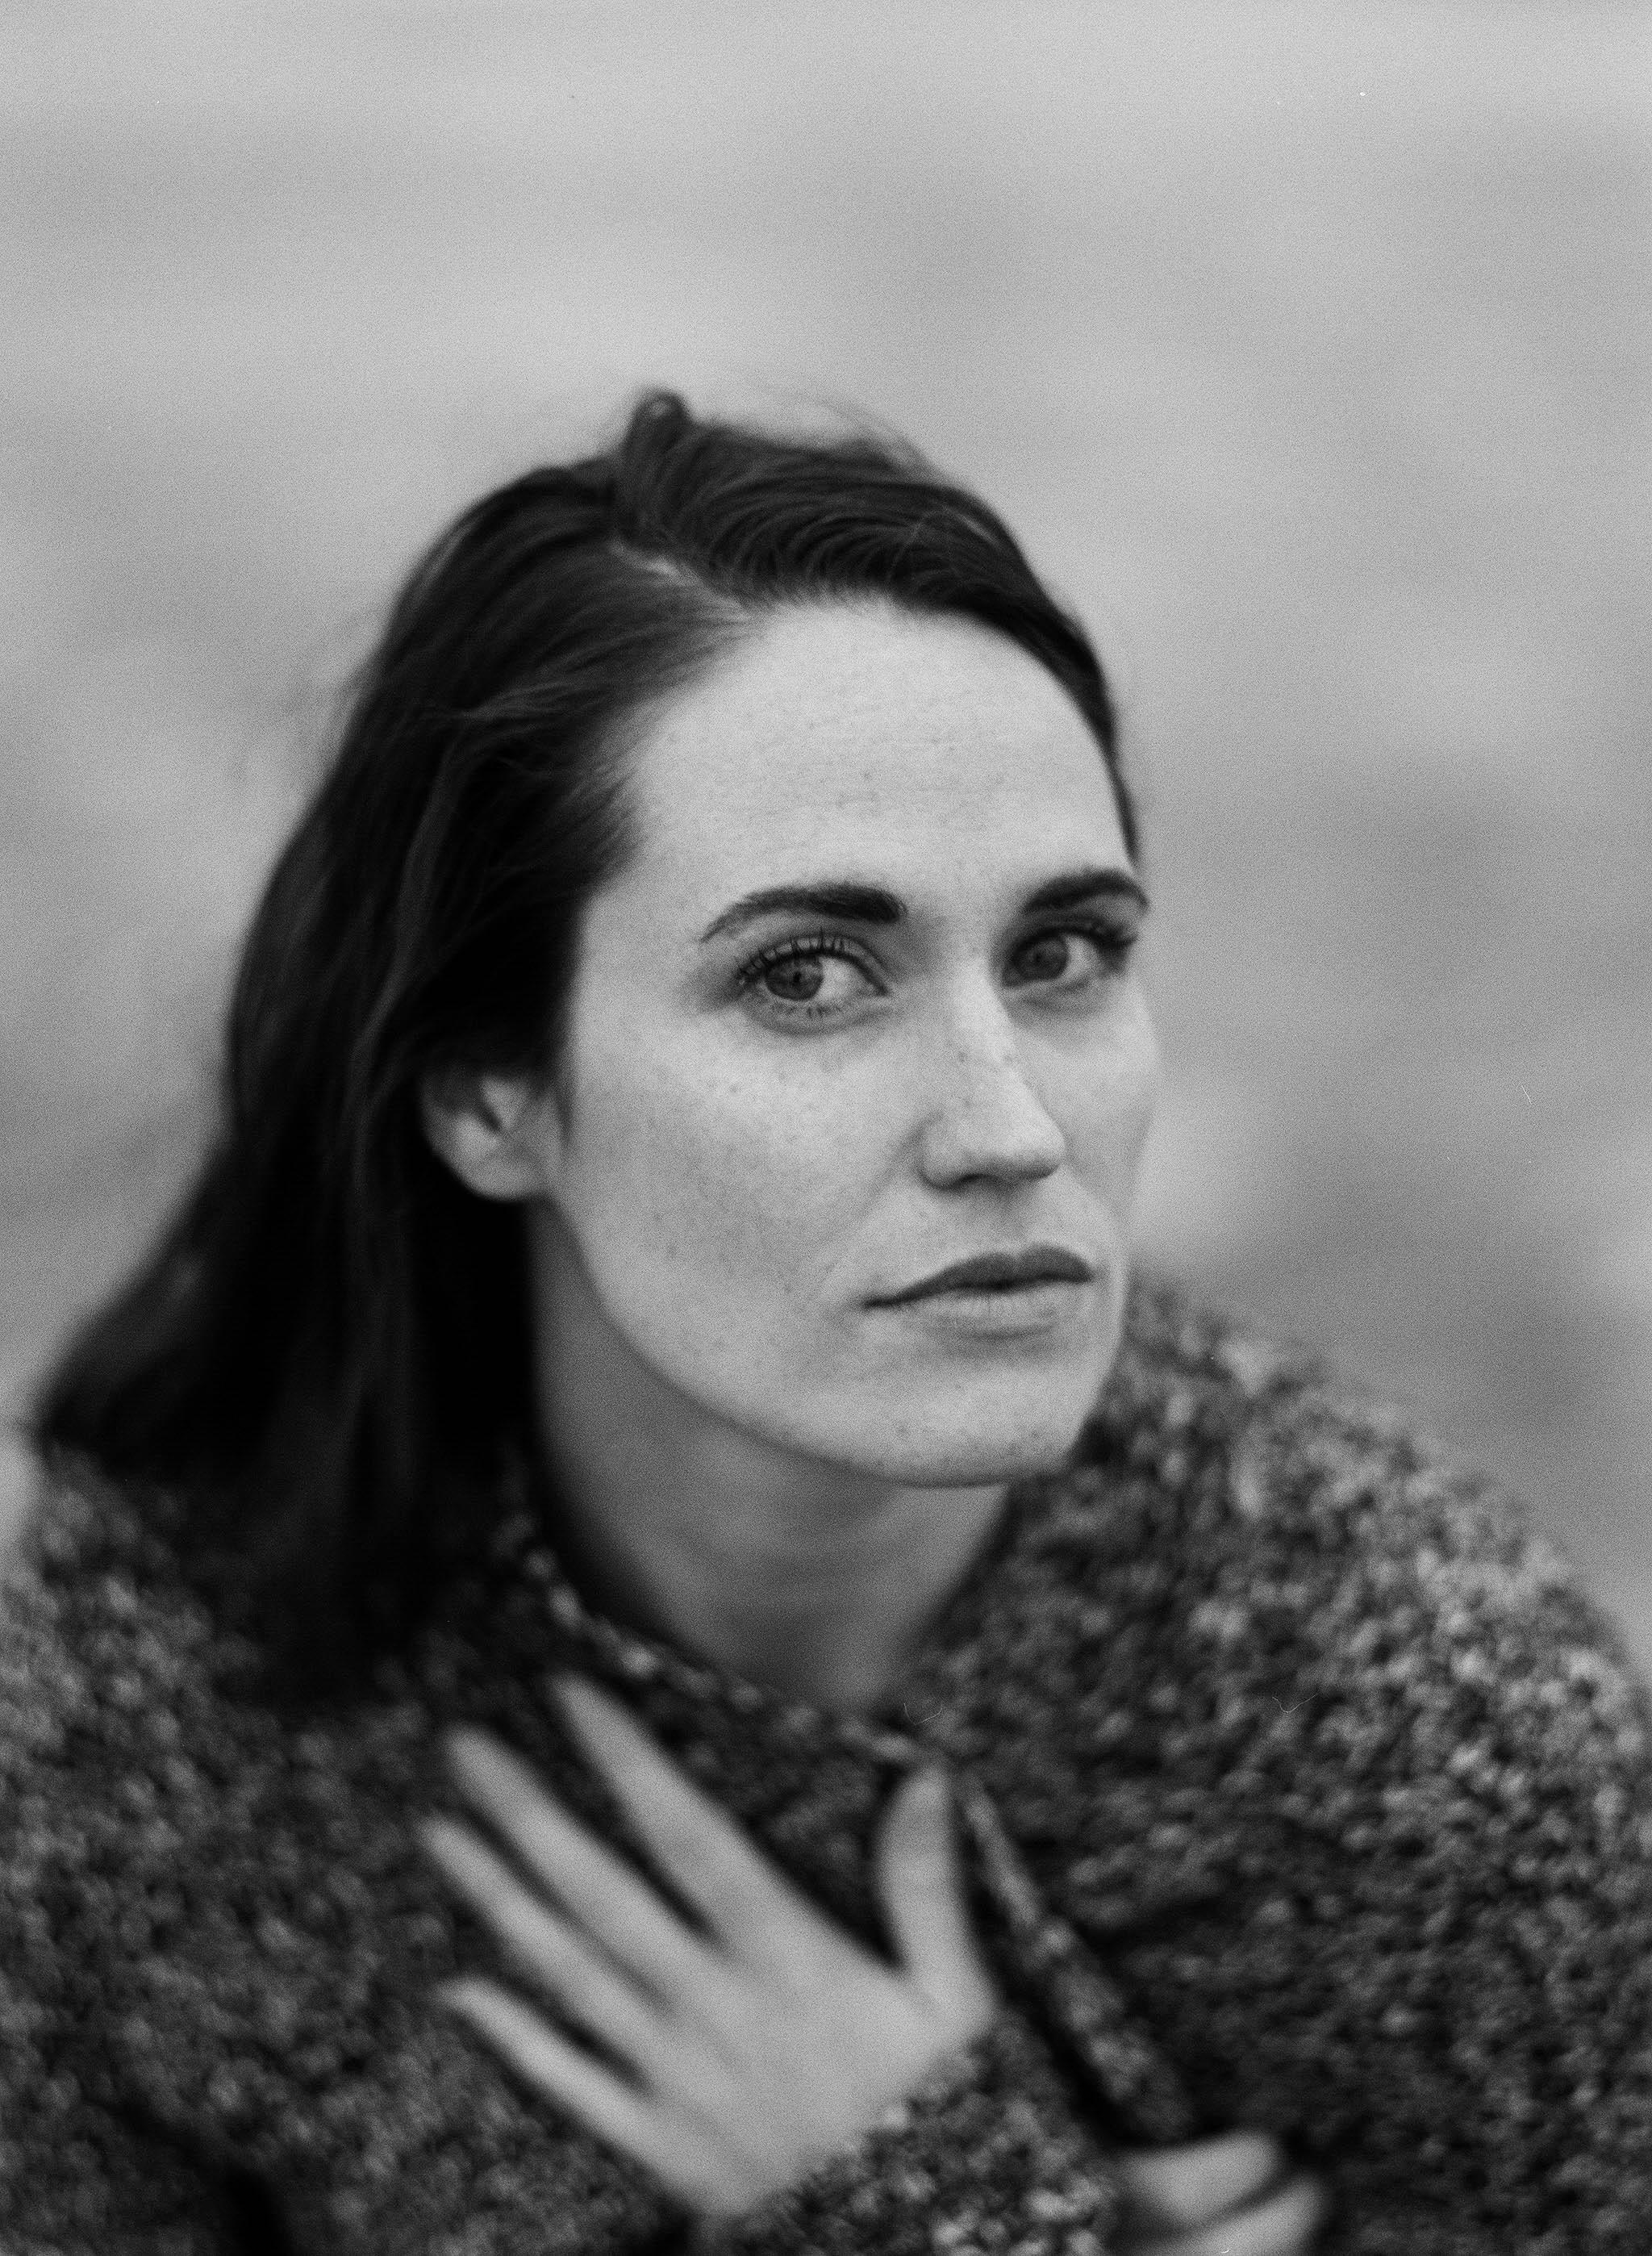 Kristen-Humbert-Philadelphia_Portrait_Photographer_Scarlett_Redmond_BnW-90290011.jpg